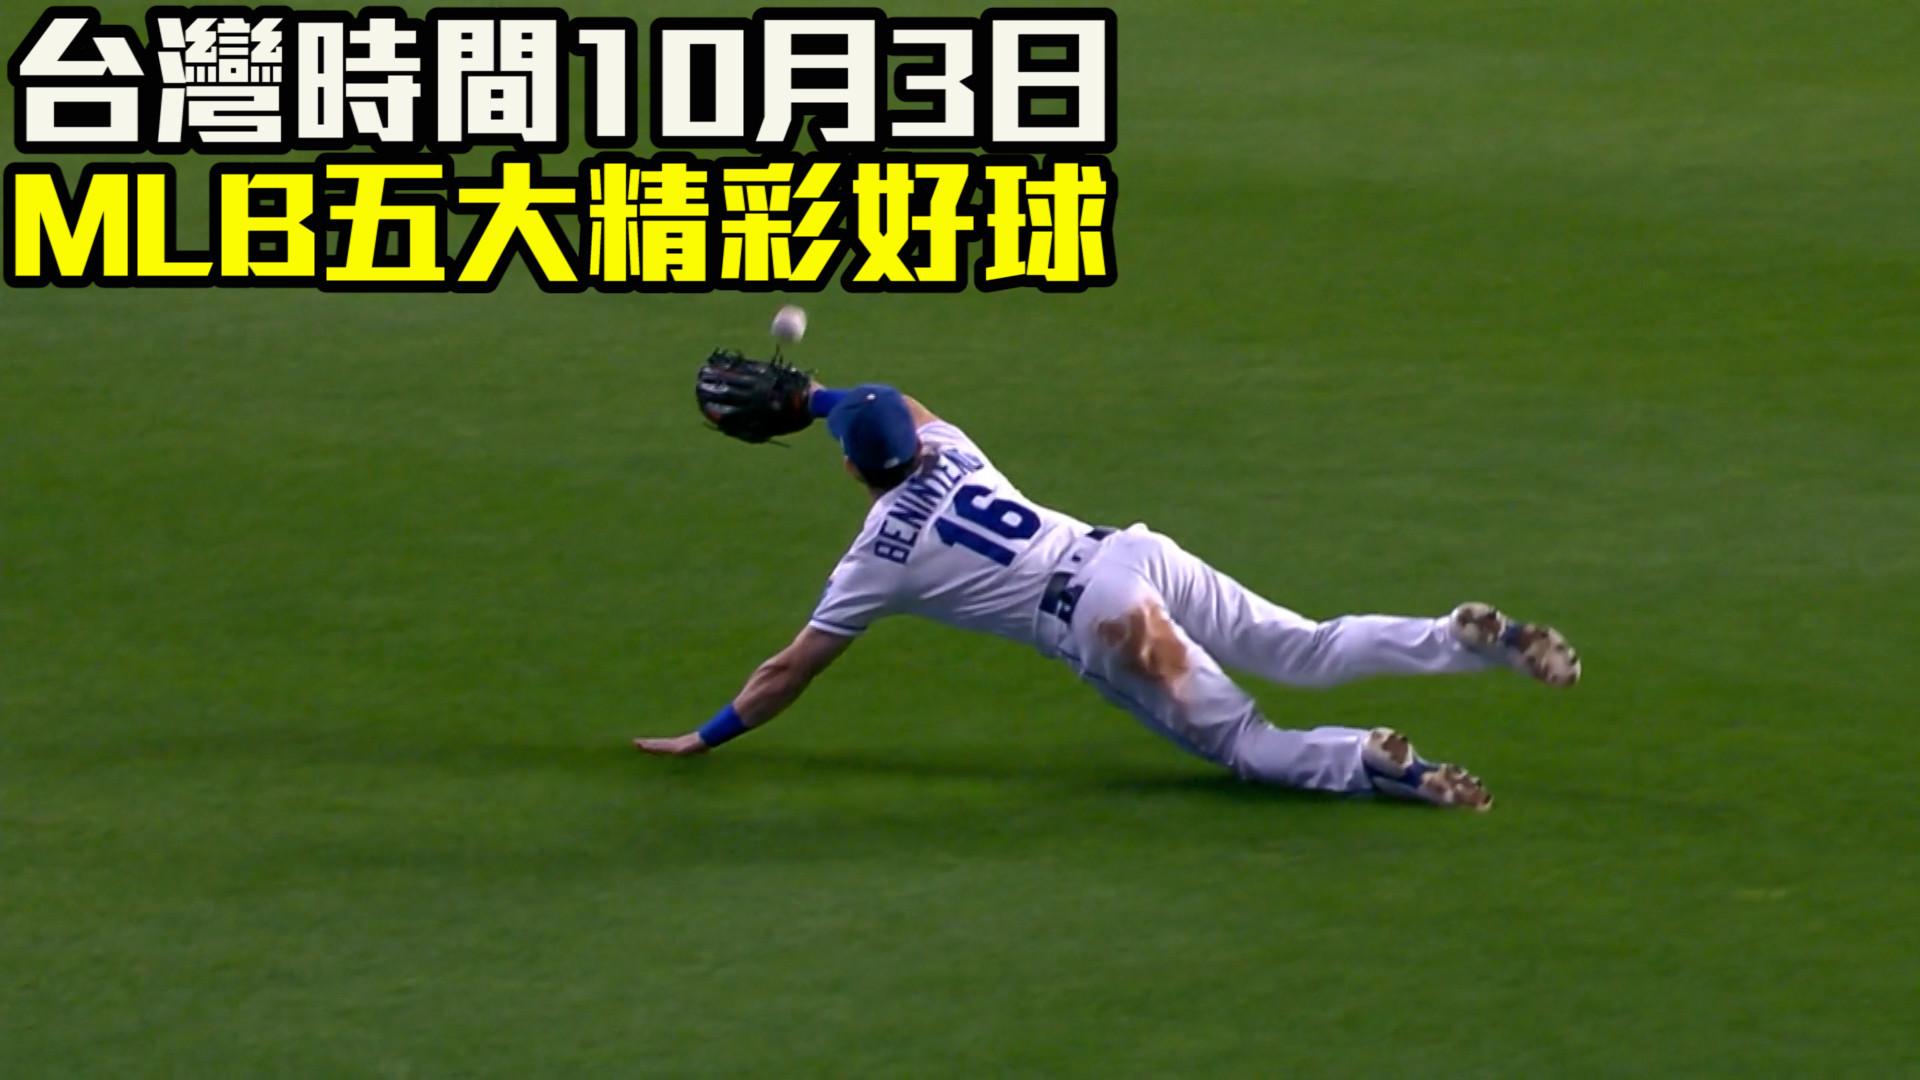 【MLB看愛爾達】外野手各顯神通 界外全壘打通通沒收 10/3